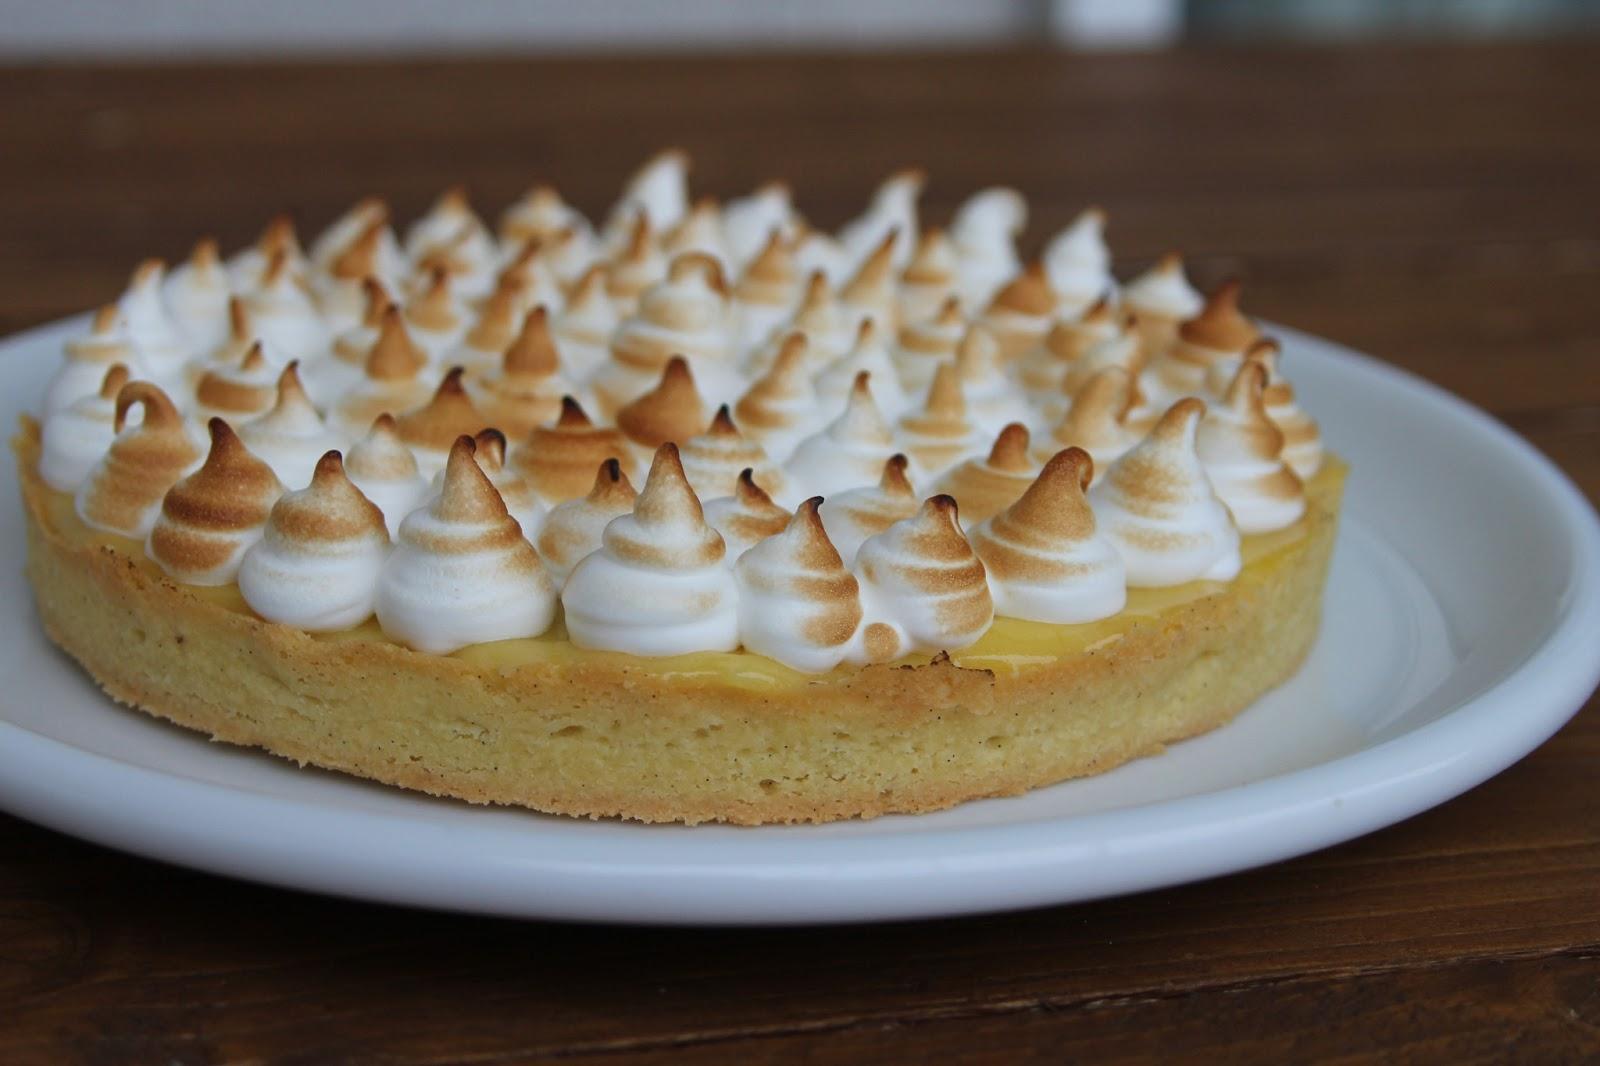 A manger et voir tarte au citron cr me de noisette et - Tarte au citron herve cuisine ...